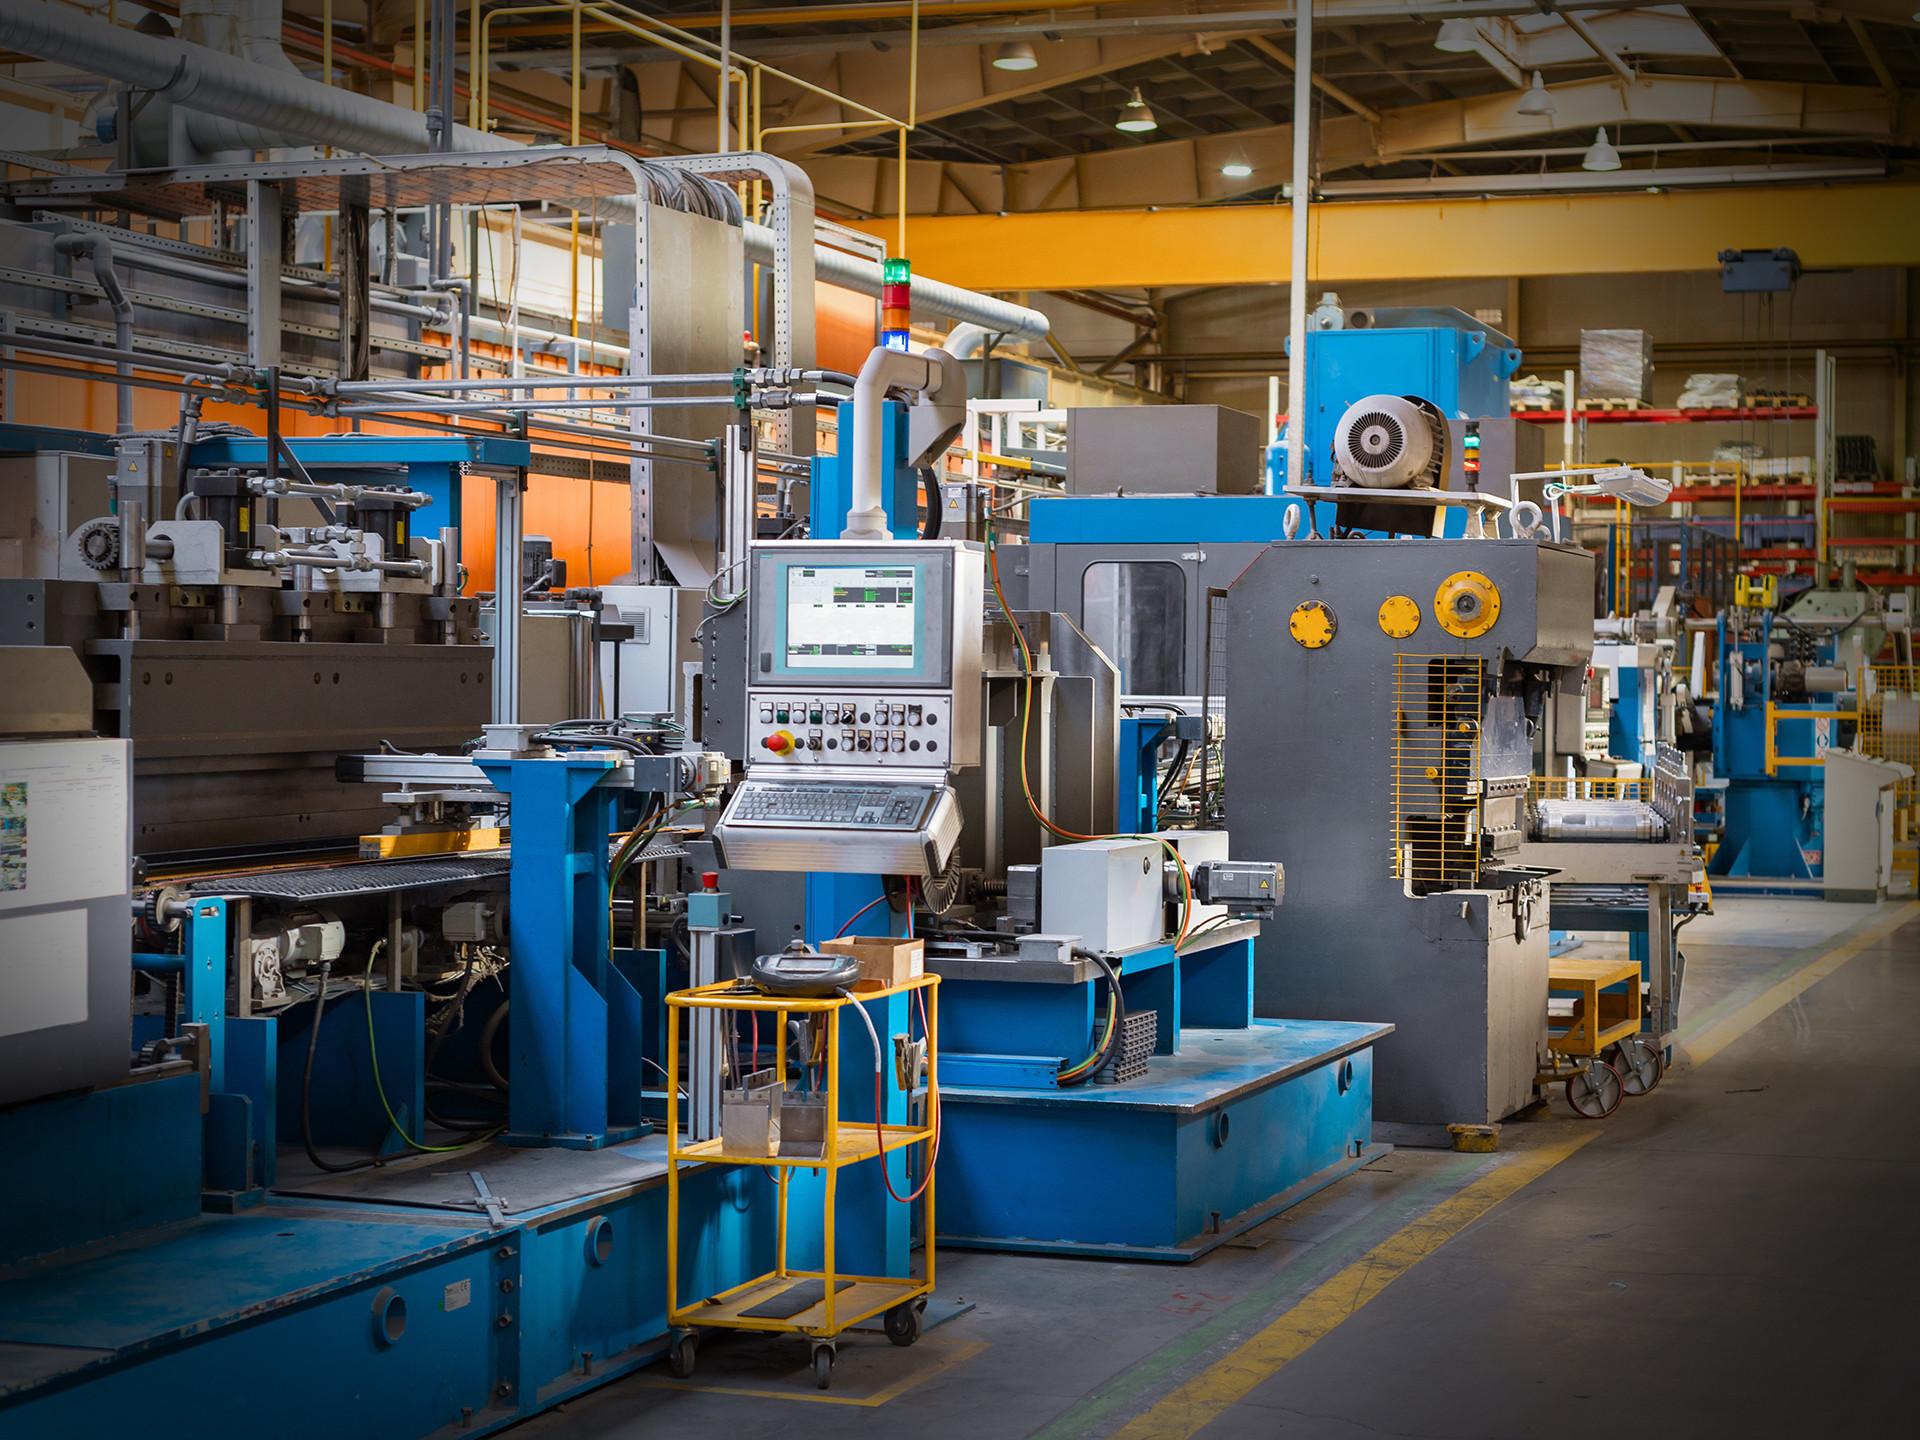 Werkstätten und Betriebe